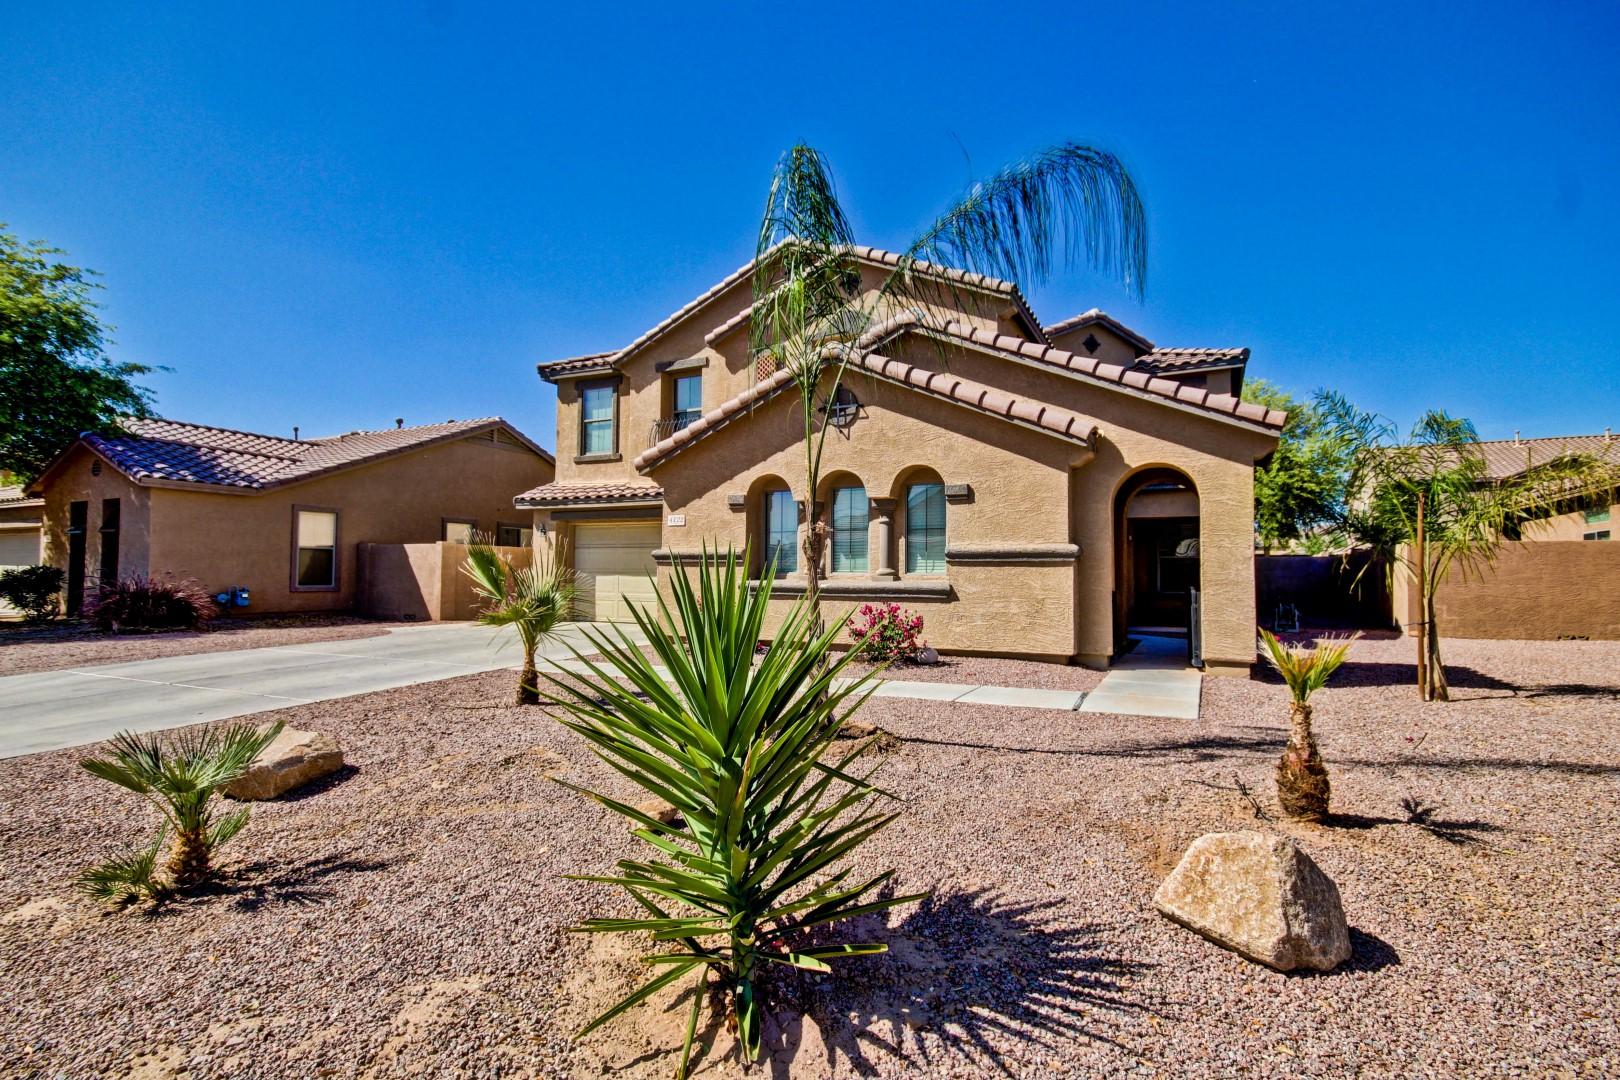 4122 E Palm Beach Dr Sun Groves In Chandler Arizona 85249